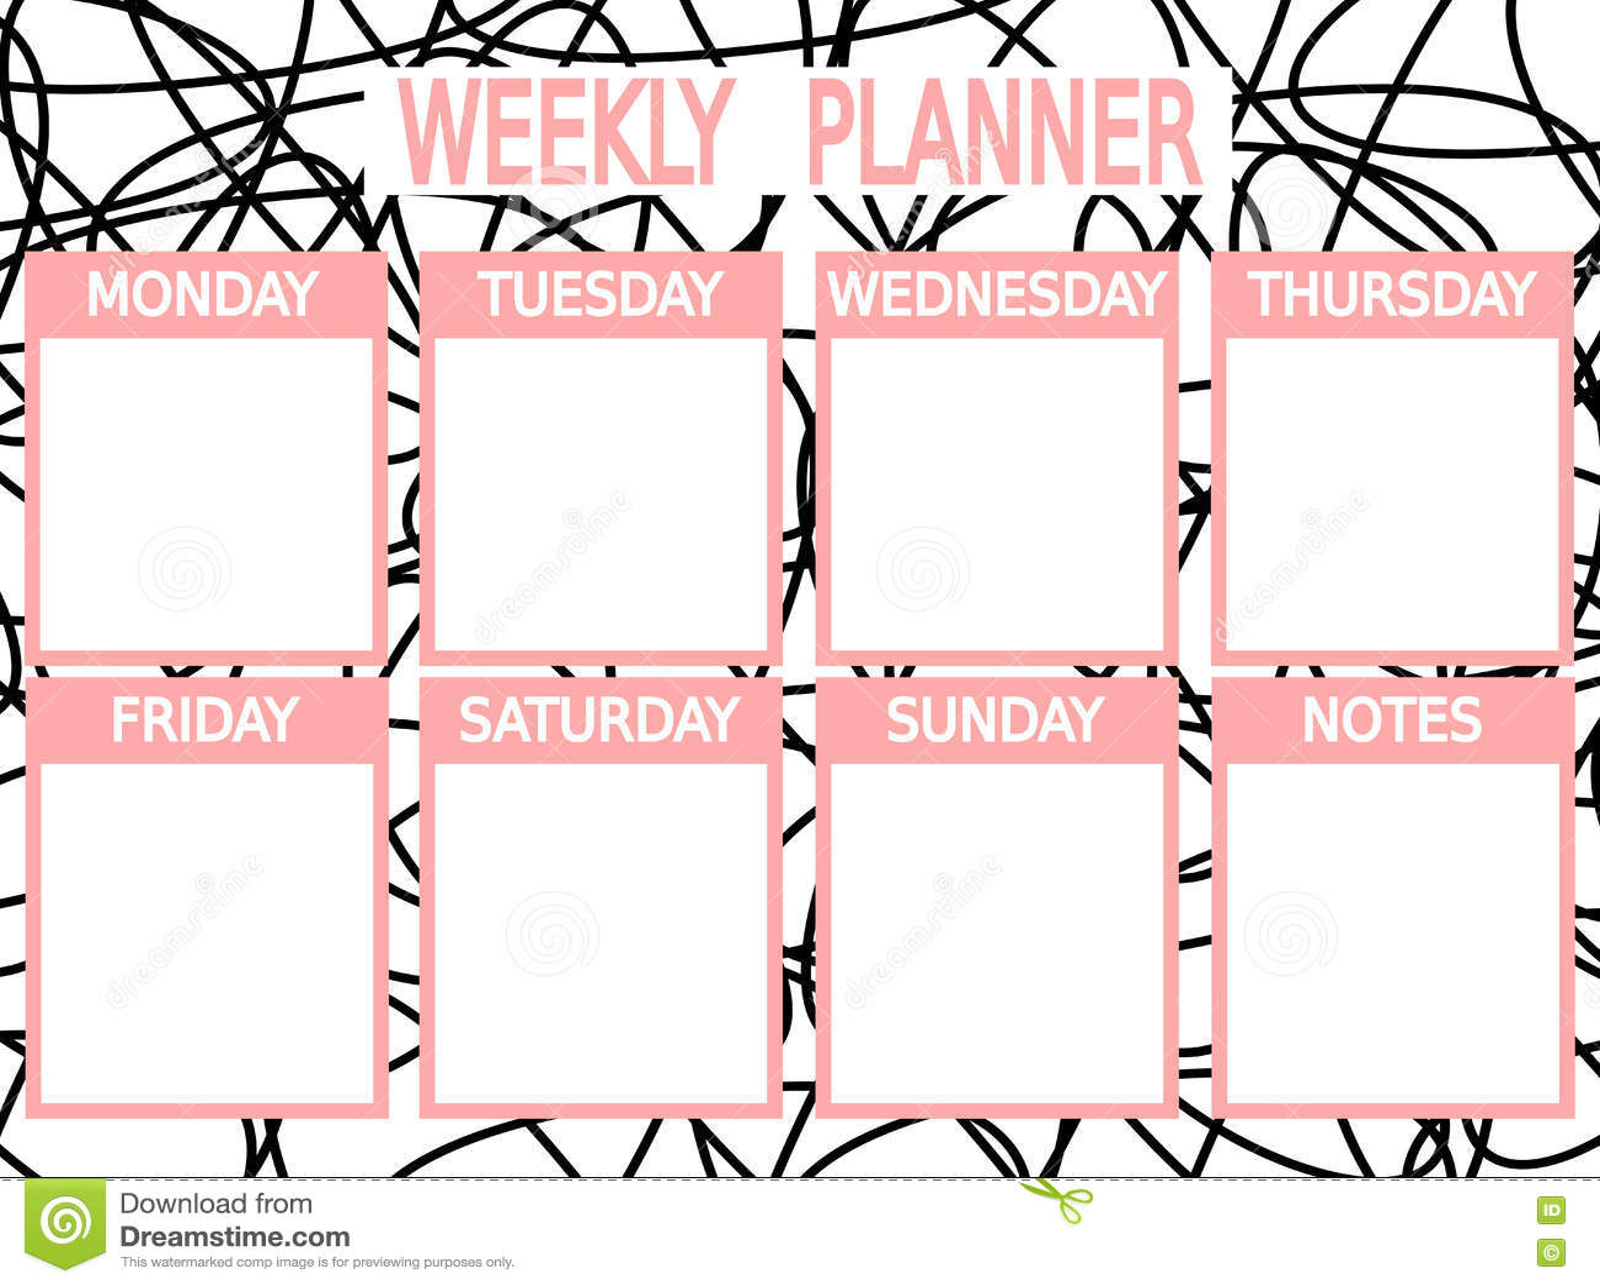 Planificador Semanal Imprimible Rosado Negro Lindo ...